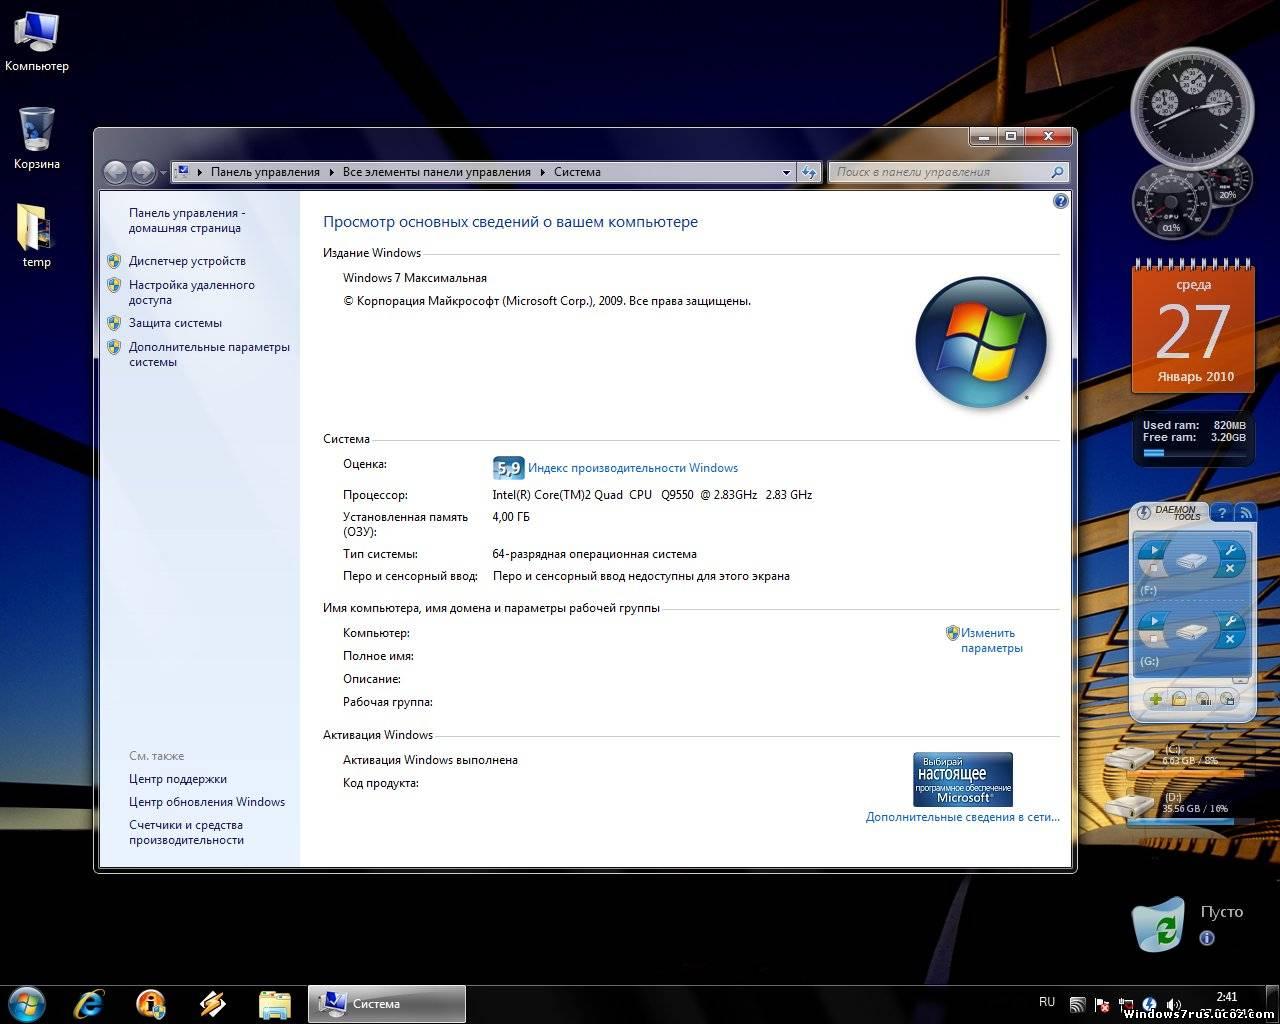 скачать драйвера на asus aspire 3750 windows xp